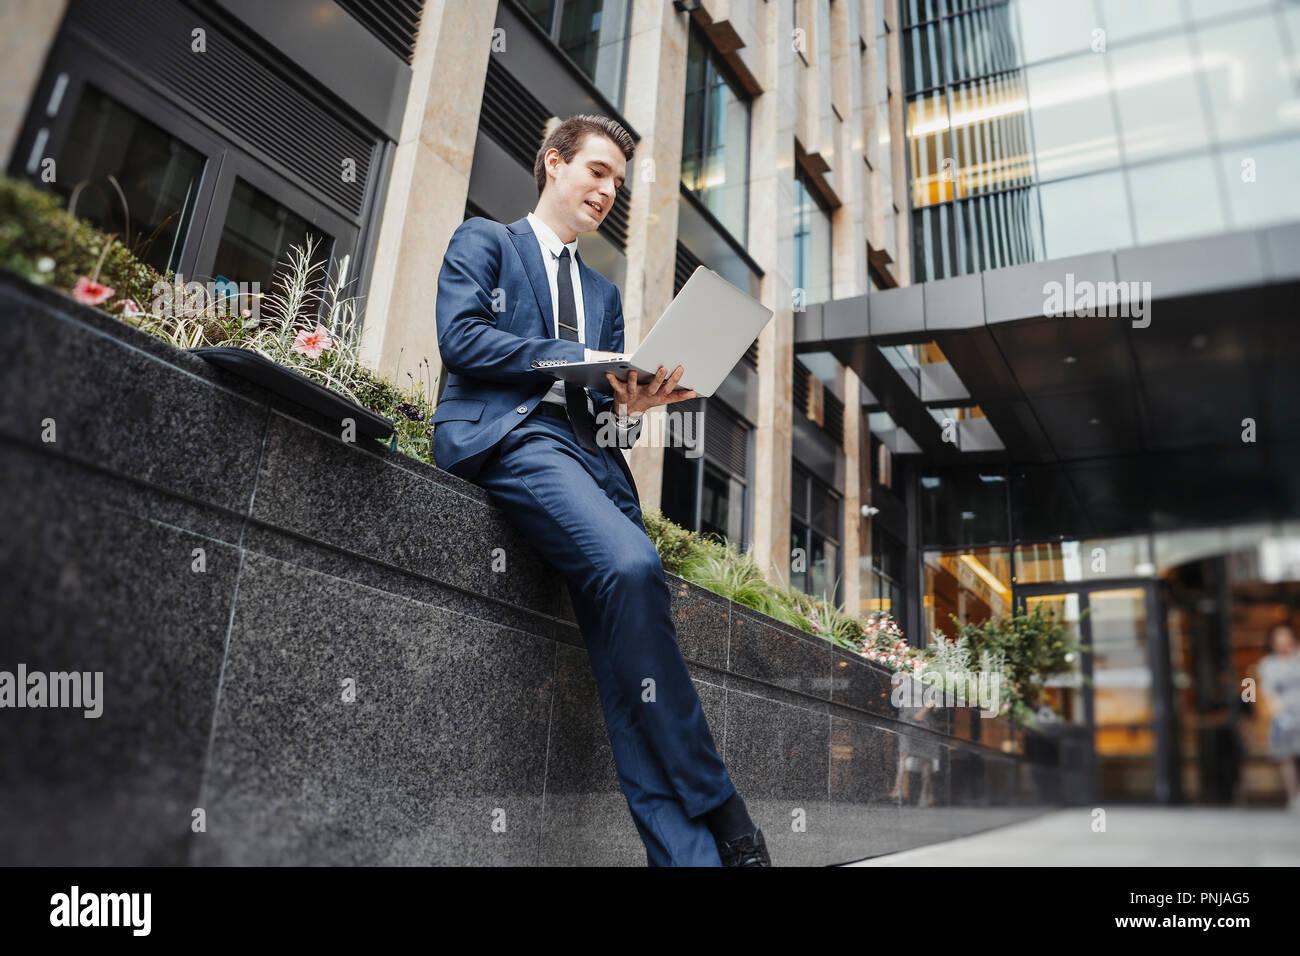 Empresario trabajando en el portátil al lado de rascacielos en el centro de la ciudad. Imagen De Stock